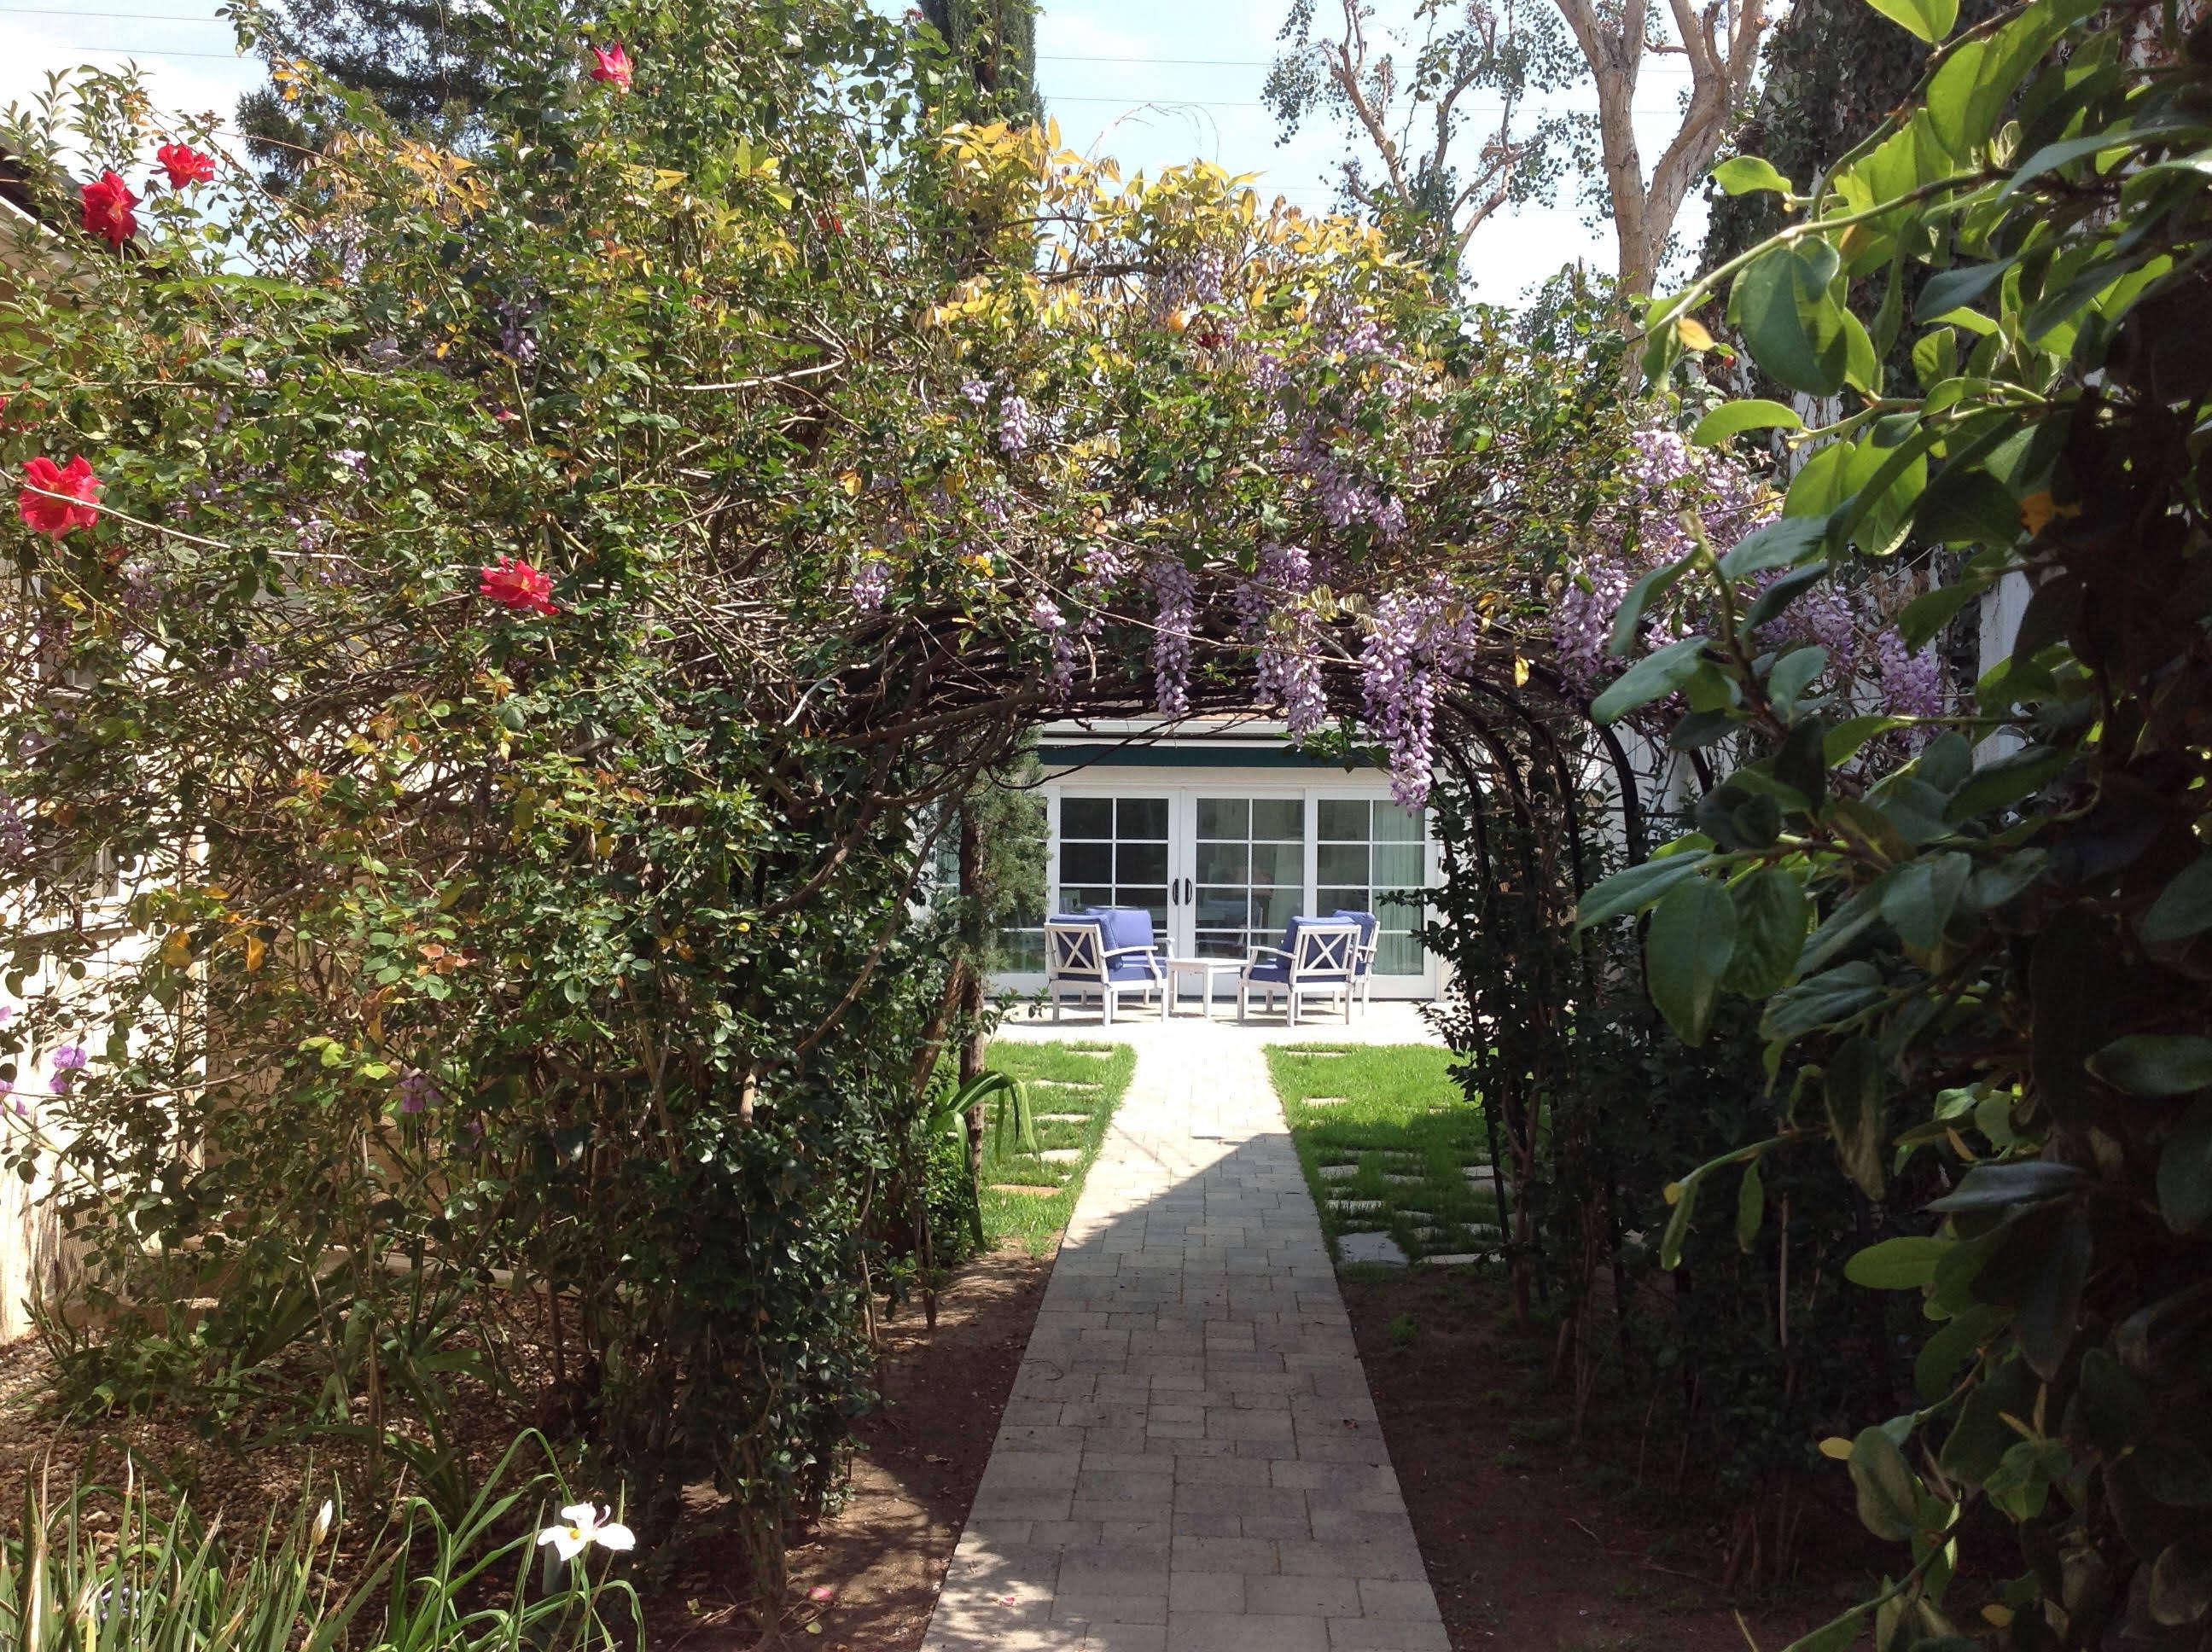 The walkway to the studio.